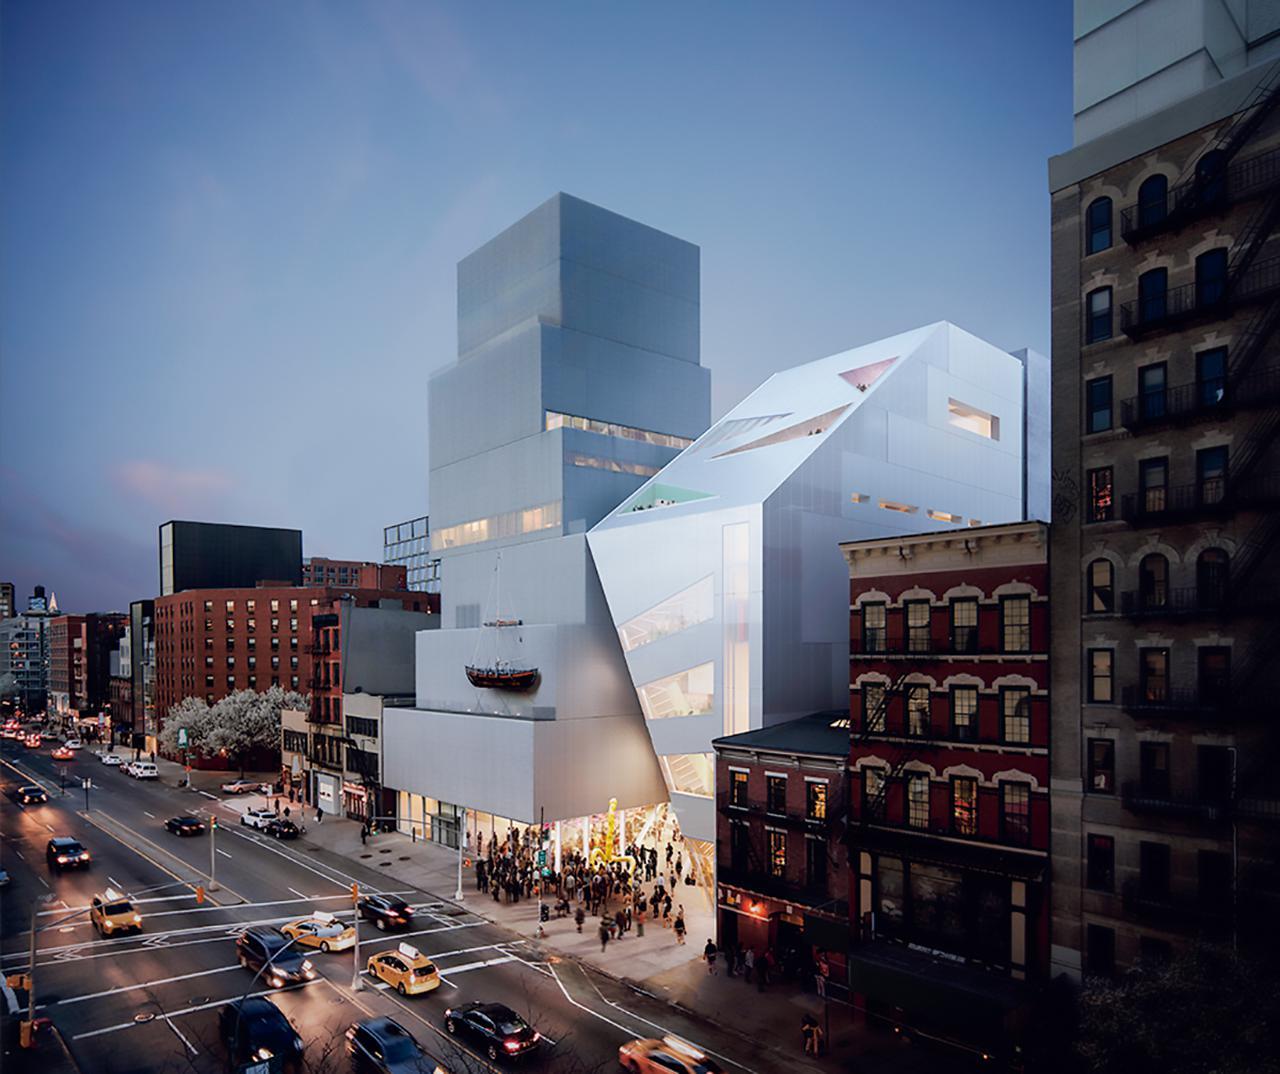 Images : 5番目の画像 - 「都市は建築化し、建築は都市化する ―― 重松象平インタビュー」のアルバム - T JAPAN:The New York Times Style Magazine 公式サイト